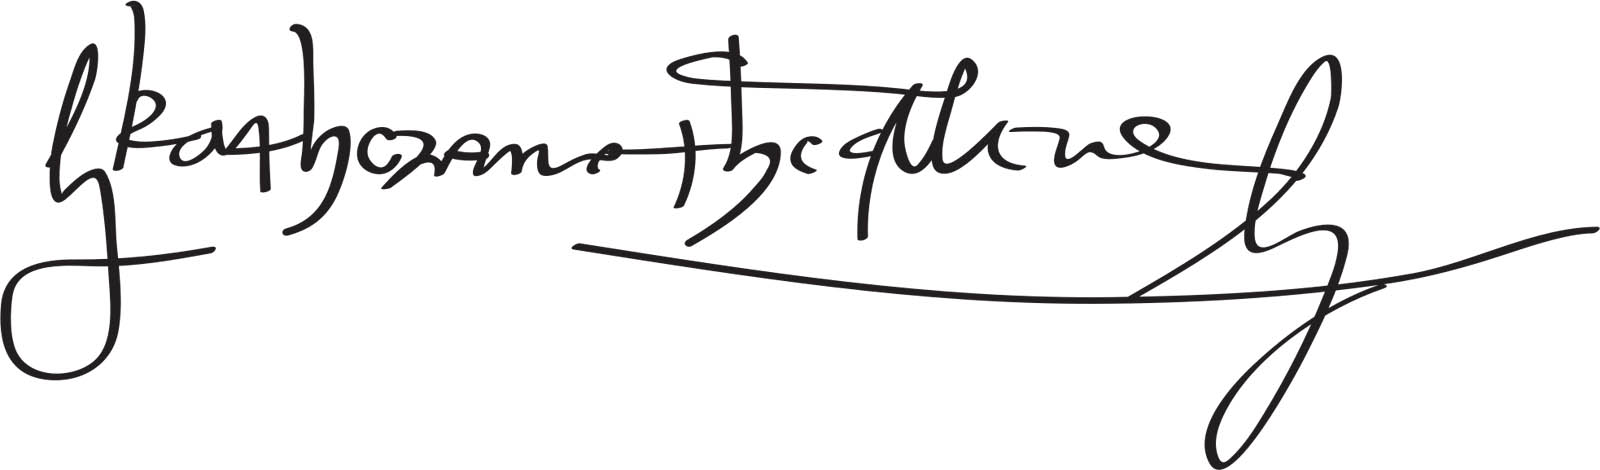 Catherine of Aragon_signature